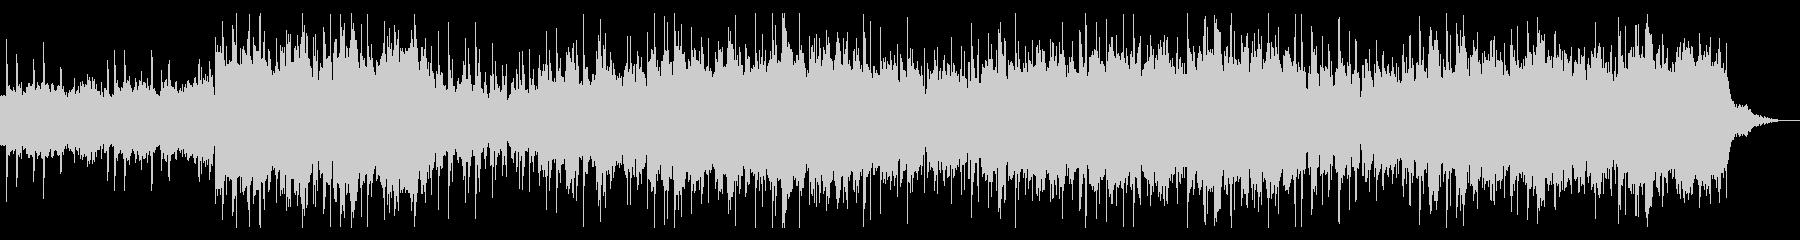 ダークなサウンドスケープの未再生の波形